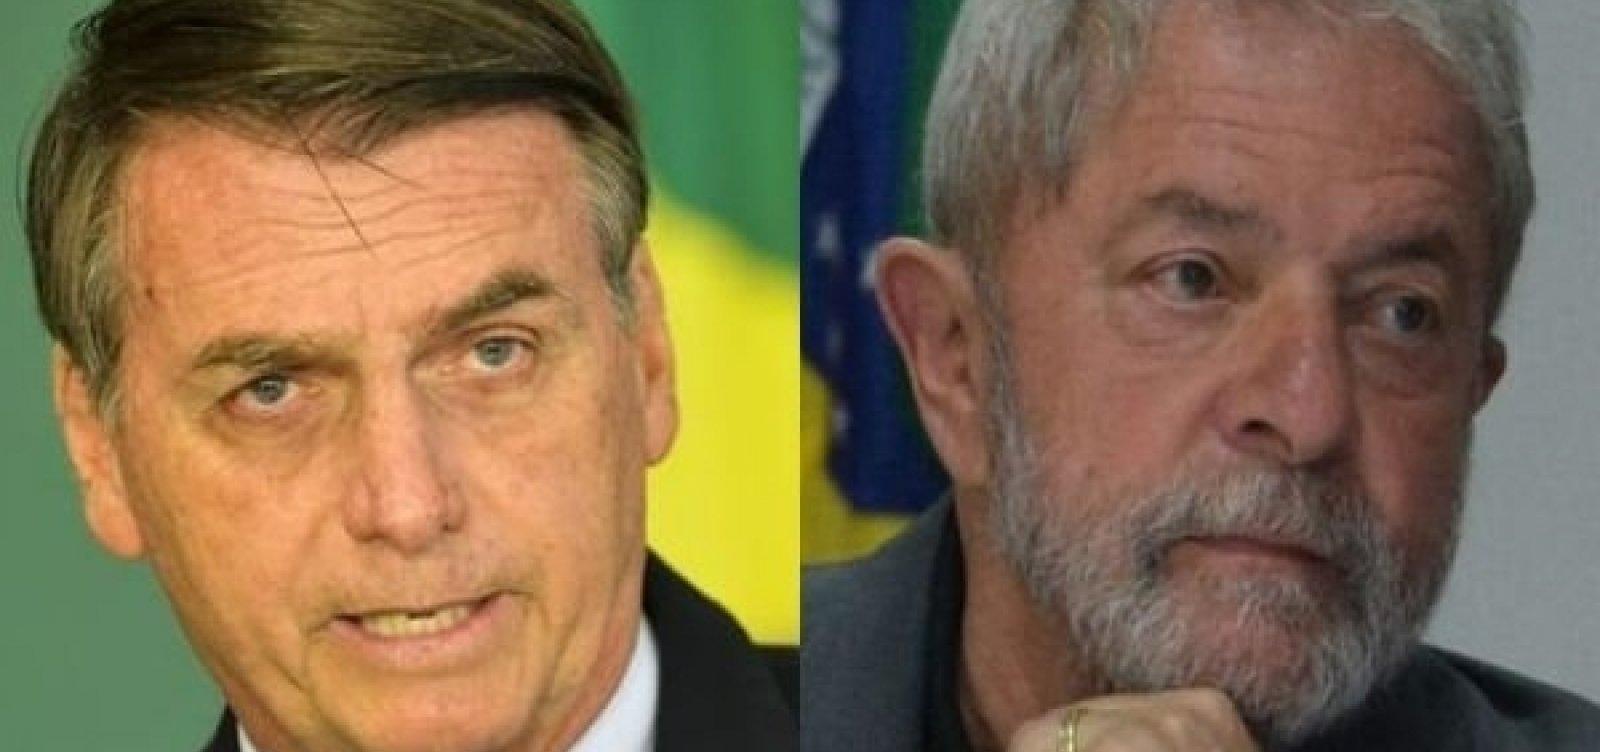 Pesquisa mostra Bolsonaro e Lula tecnicamente empatados na disputa pela Presidência